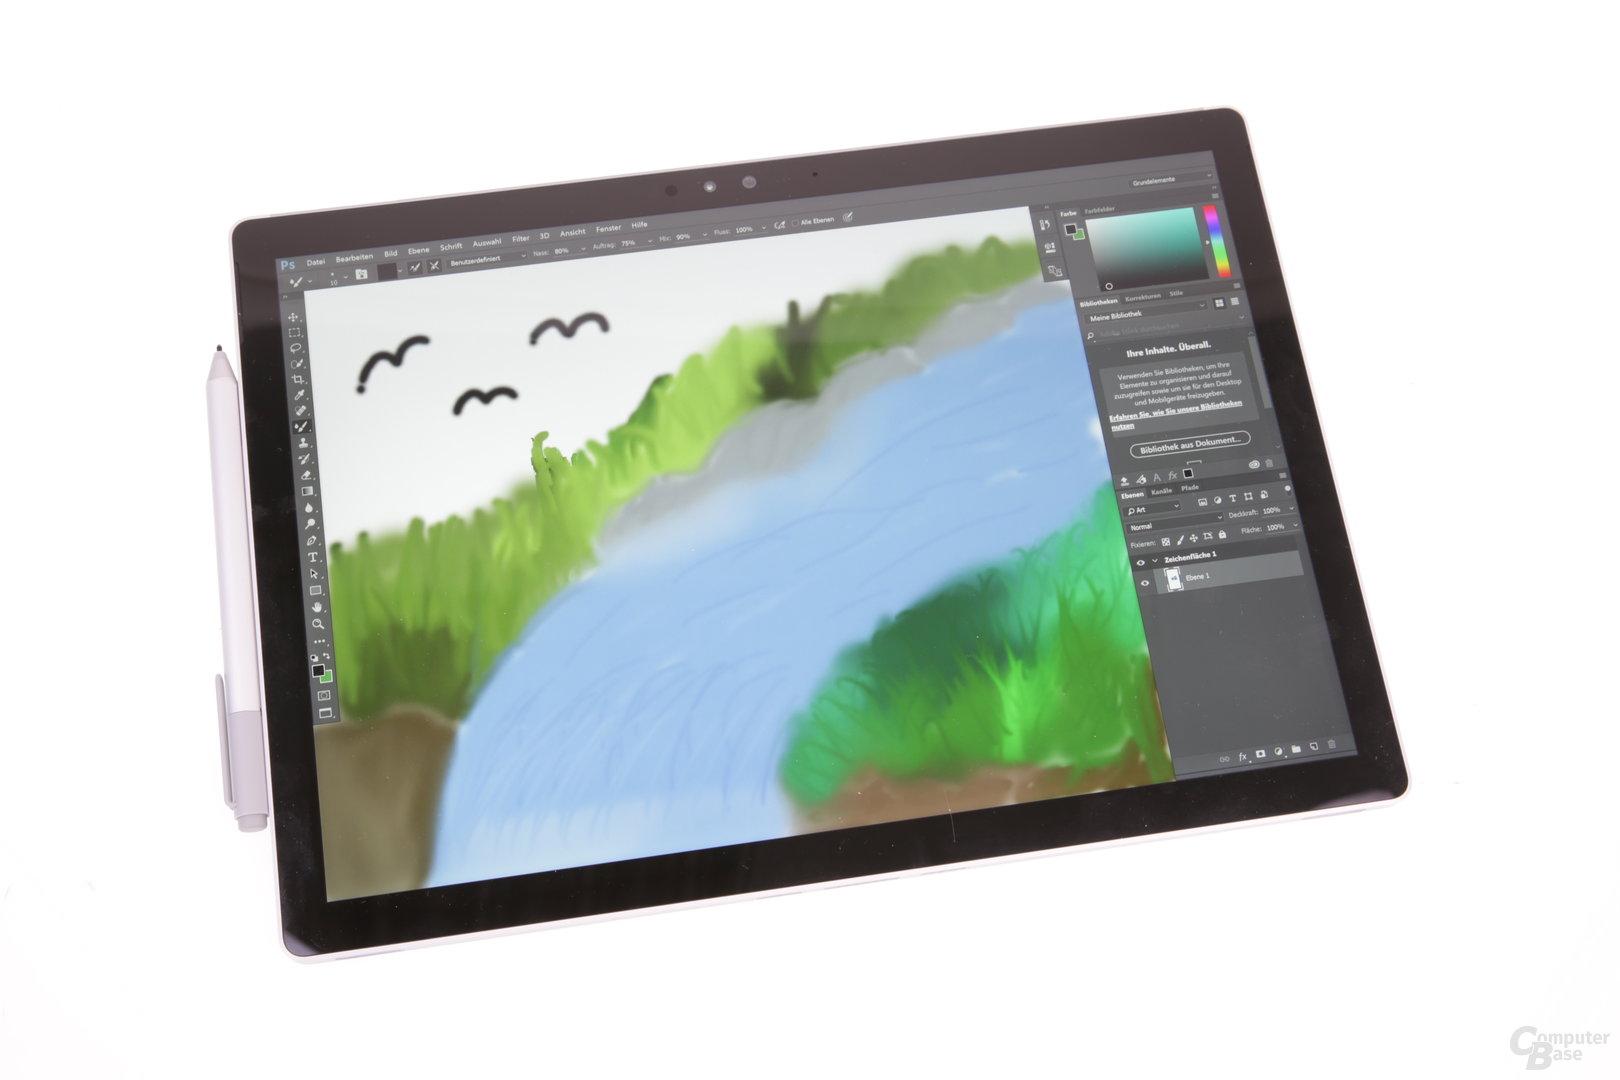 Auf dem Tablet lässt es sich gut zeichnen